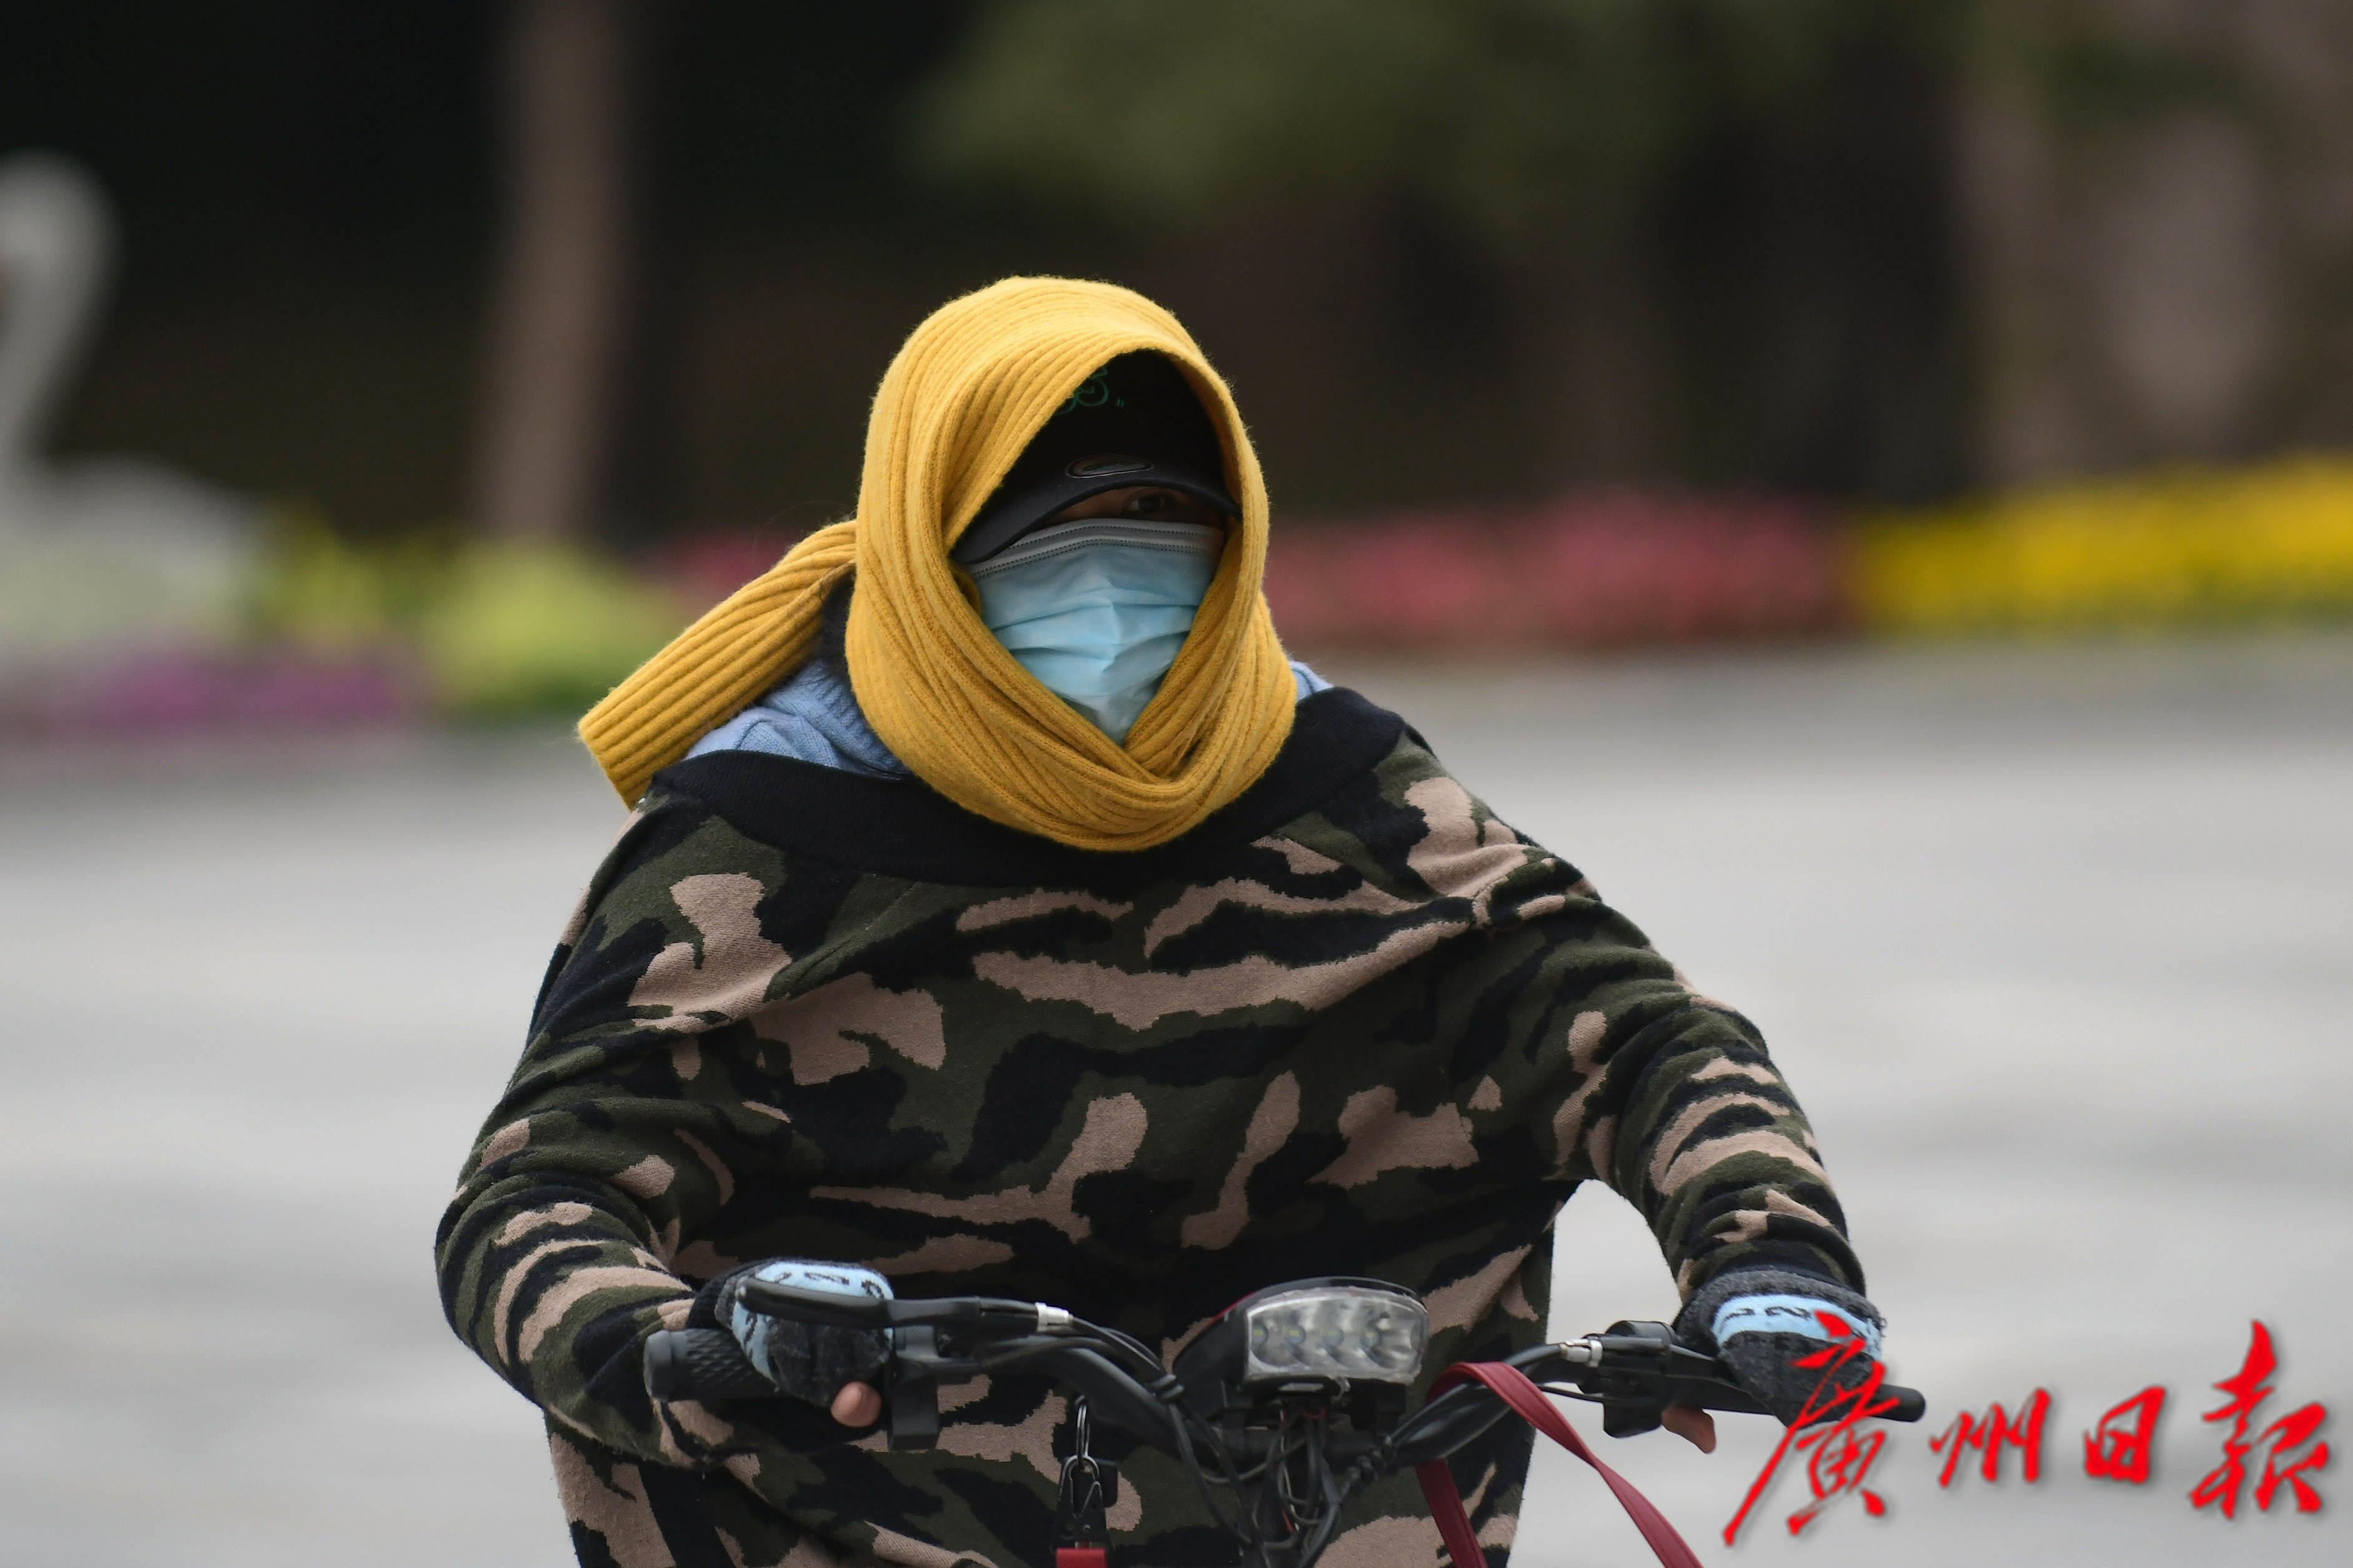 新冷空气将带来5℃低温,但暖阳重现不远了